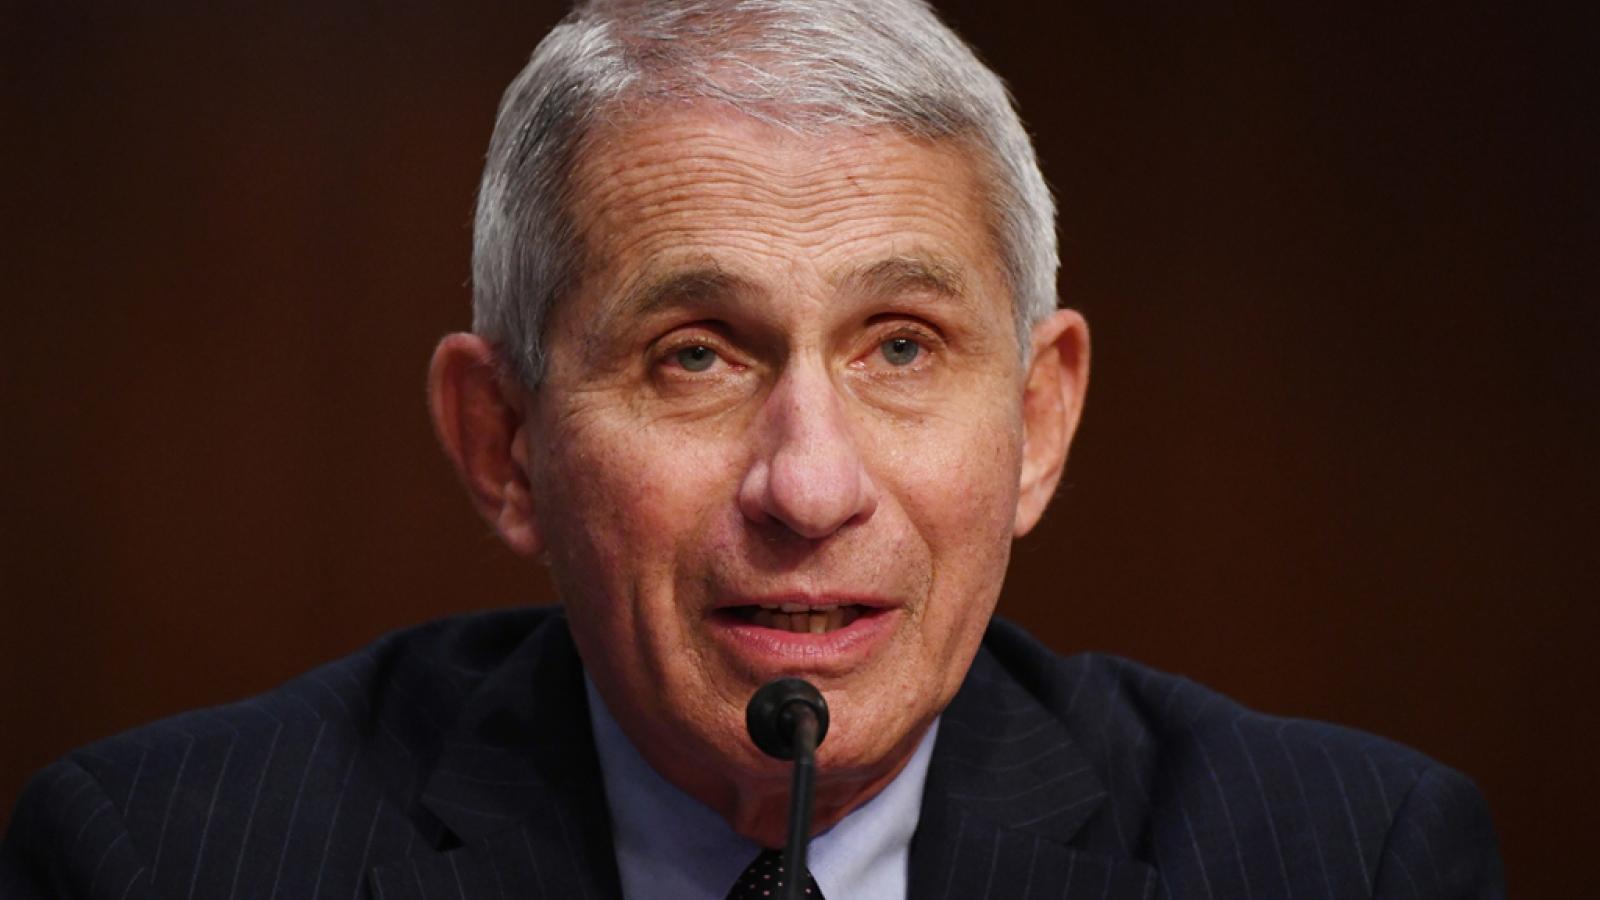 Tiến sĩ Fauci kêu gọi Quốc hội Mỹ thông qua dự luật cứu trợ để mở cửa lại trường học